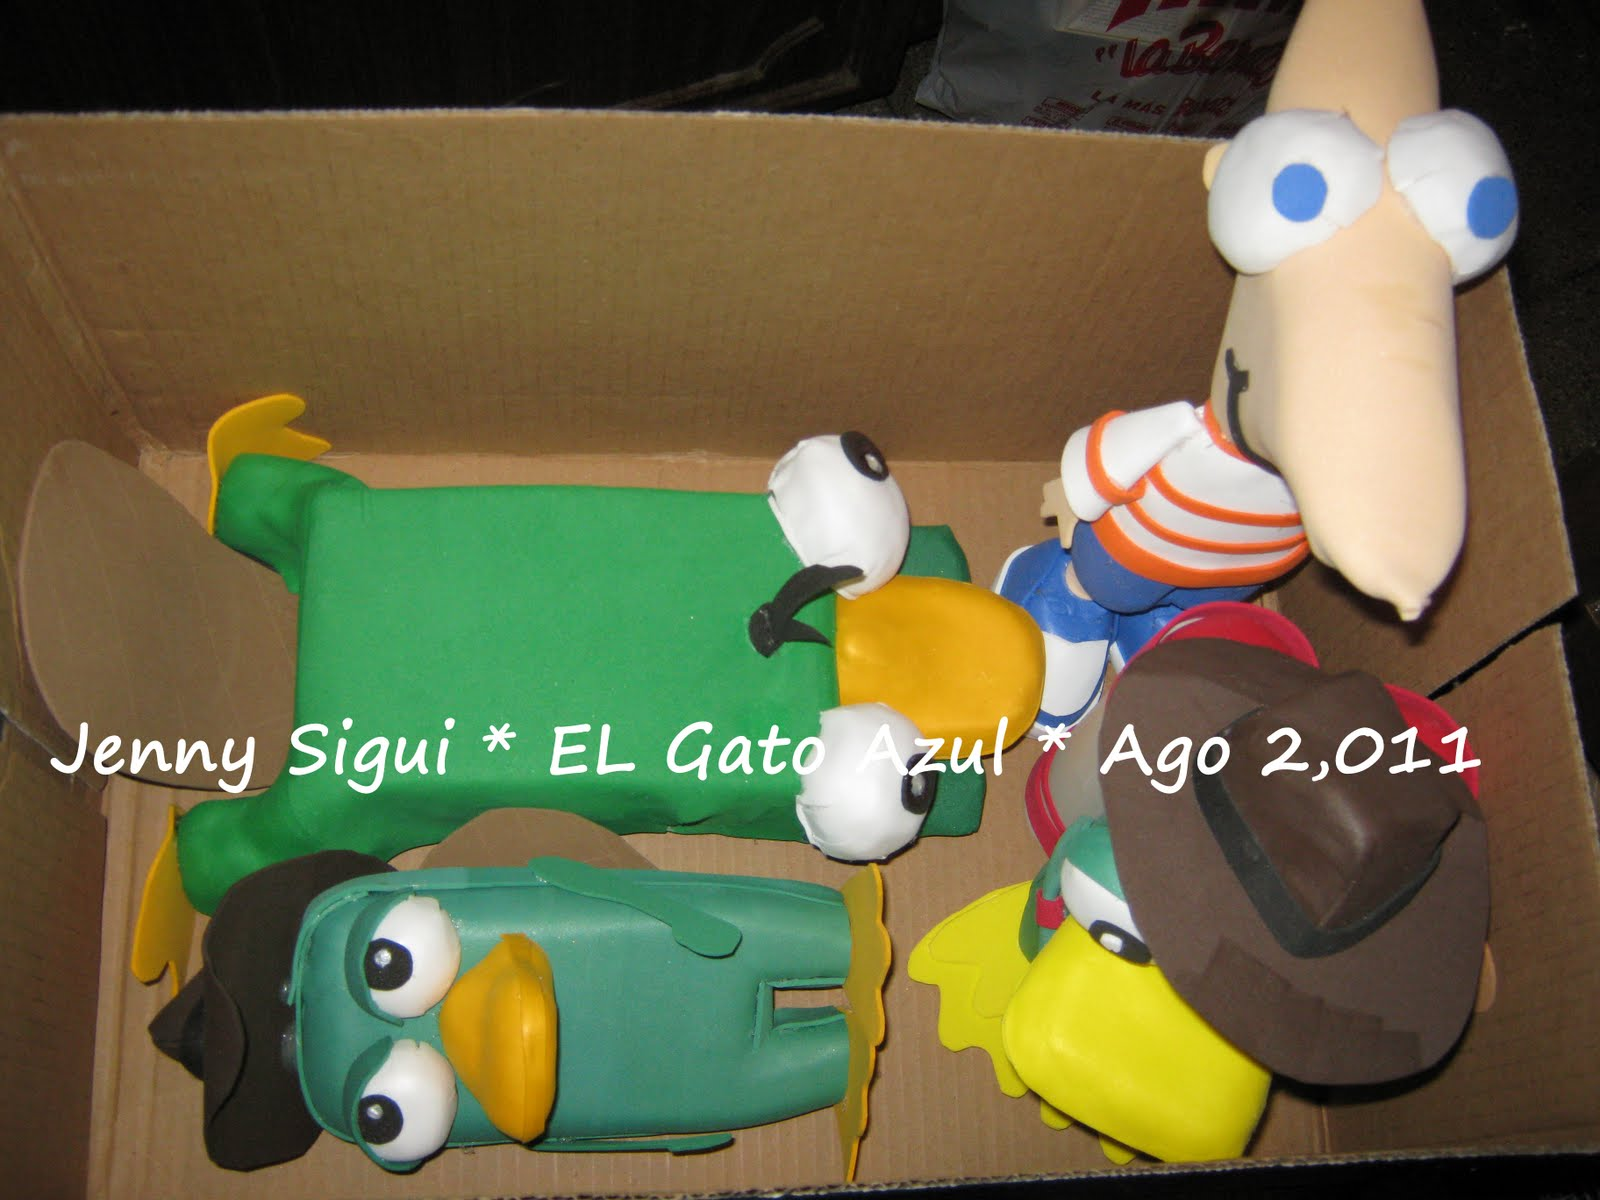 Ornitorrinco Y Phineas 3D  Premios Y Sorpresas Para Fiestas Infantiles